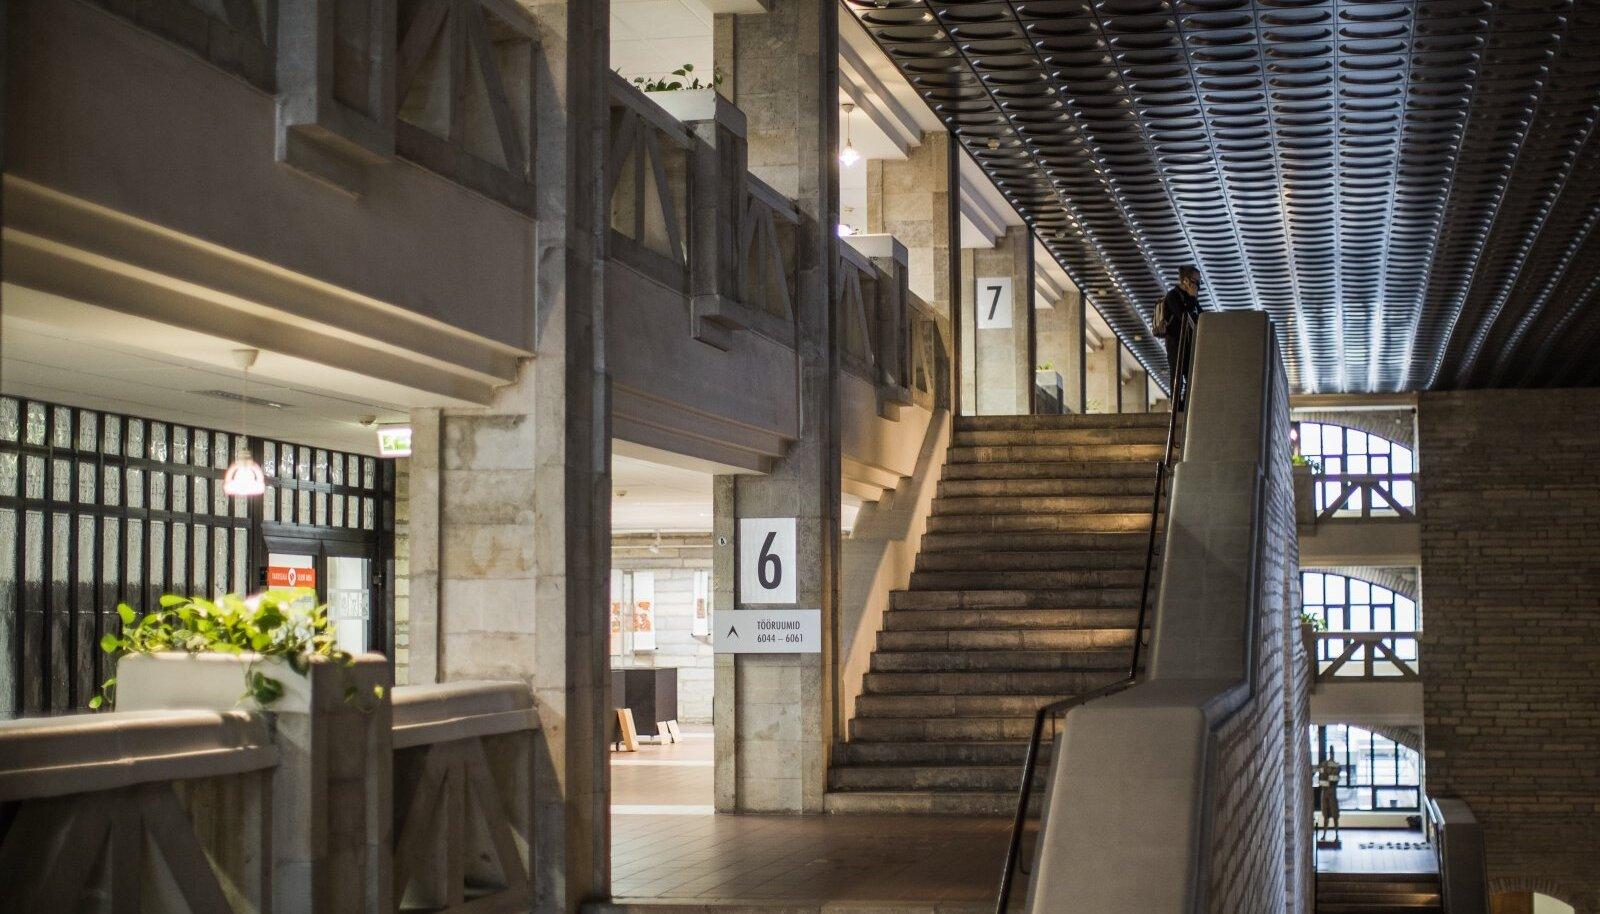 Eesti rahvusraamatukogu praegune hoone valmis 1993. aastal ja on praeguseks amortiseerunud.